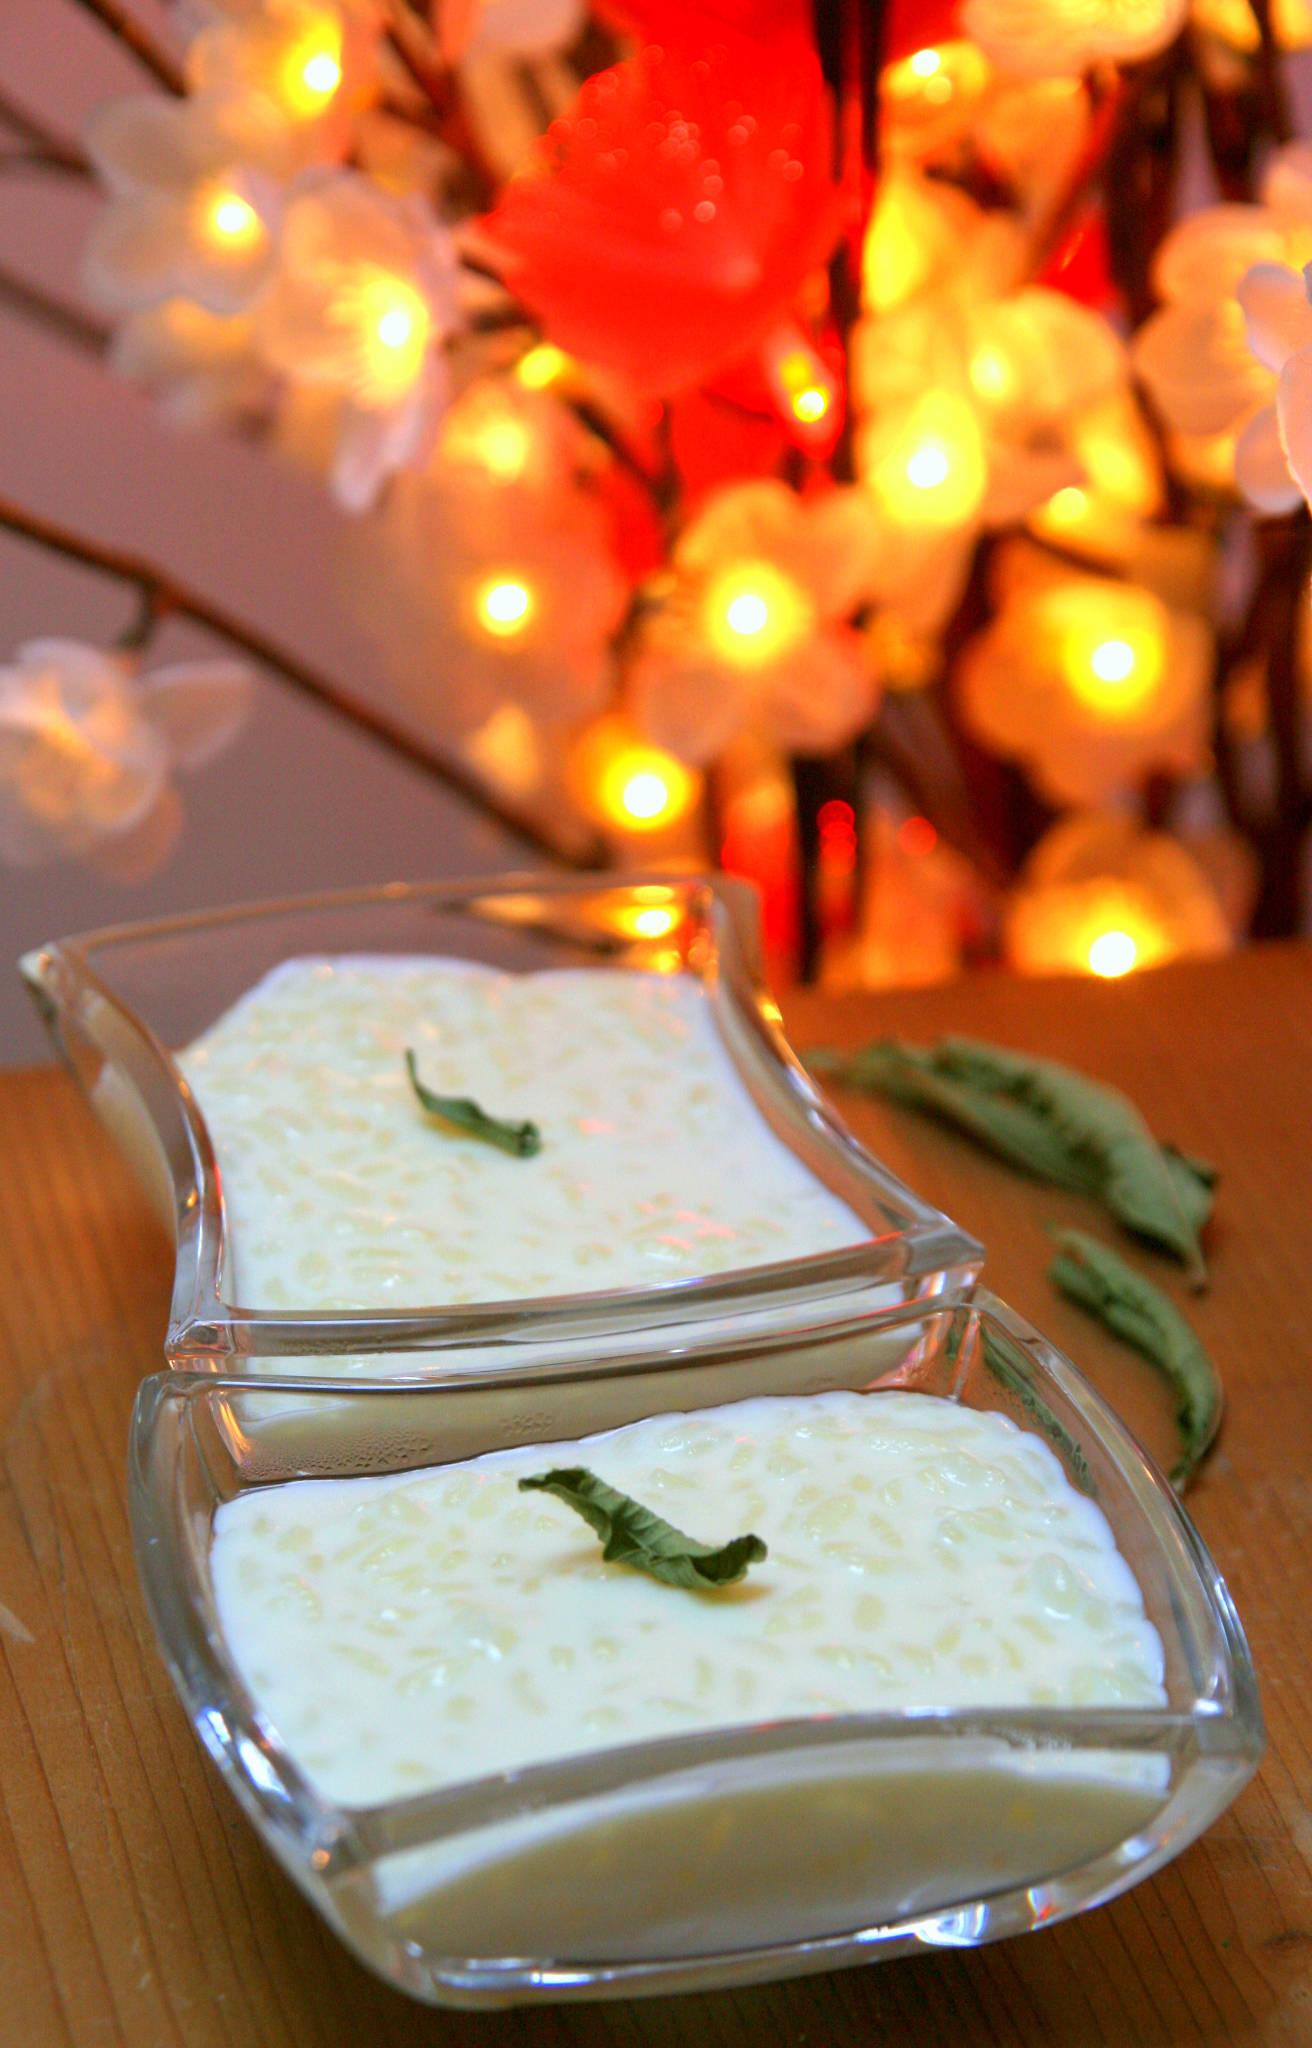 Riz au lait infusé à la verveine